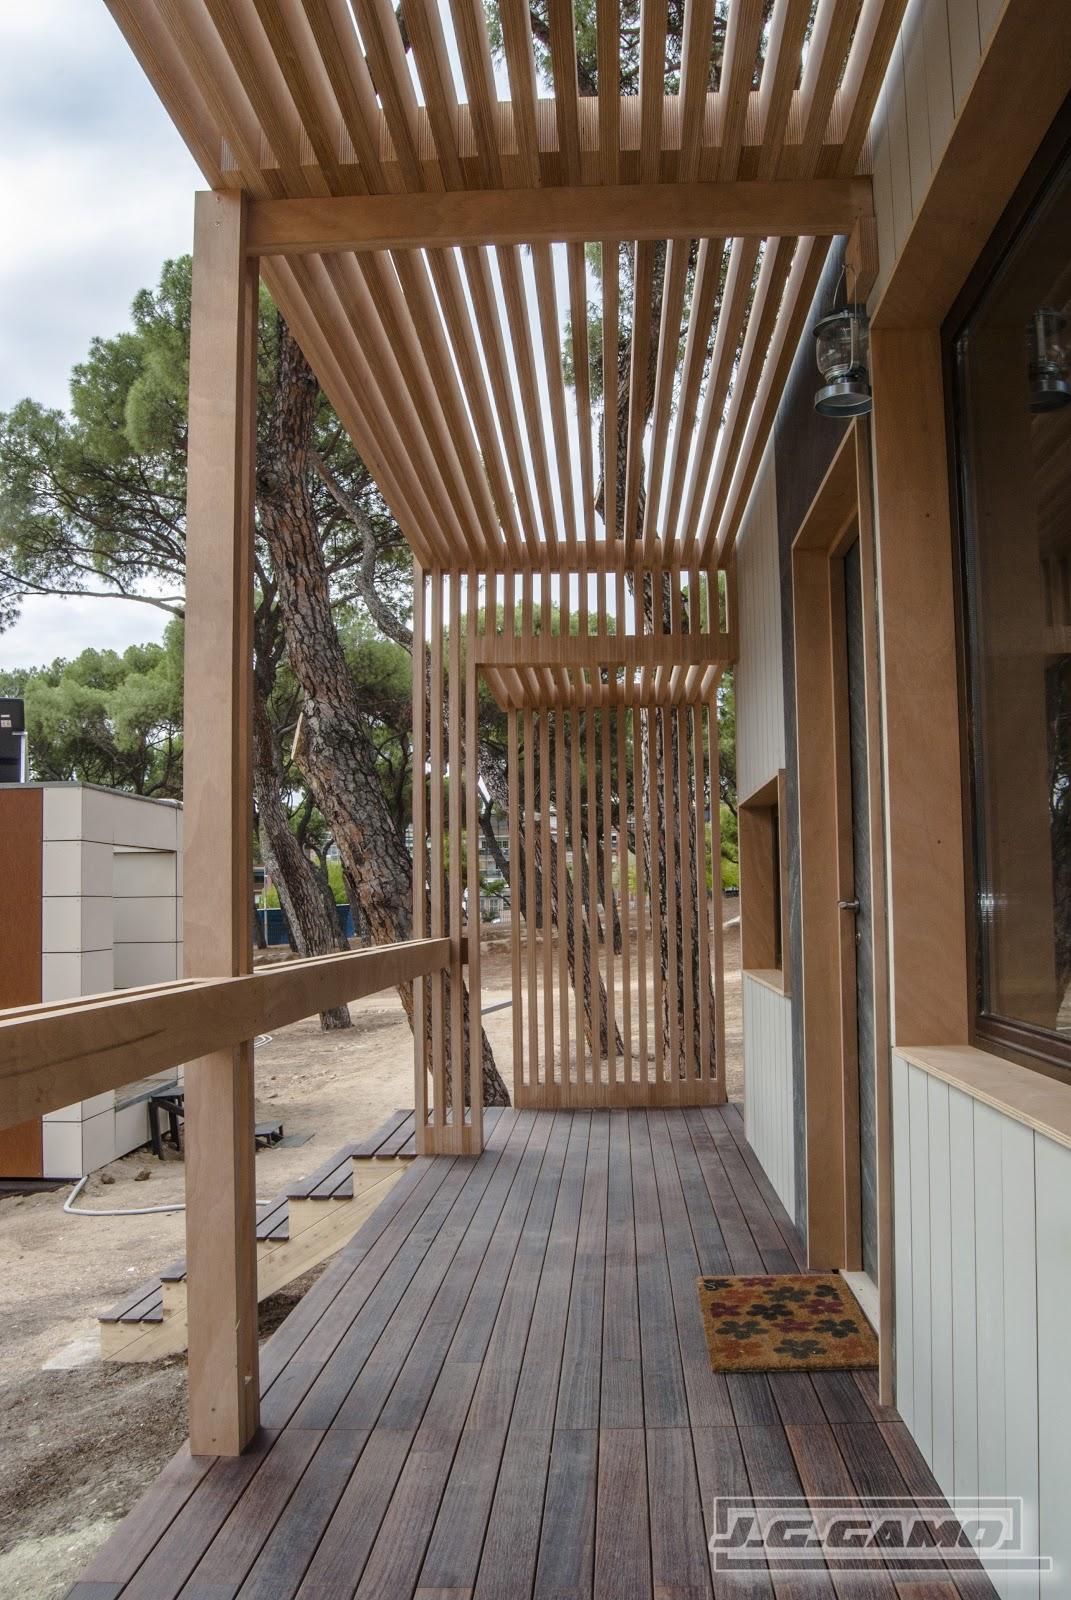 Paneles de madera para exterior awesome pantallas de lamparas de techo with paneles de madera - Paneles madera exterior ...